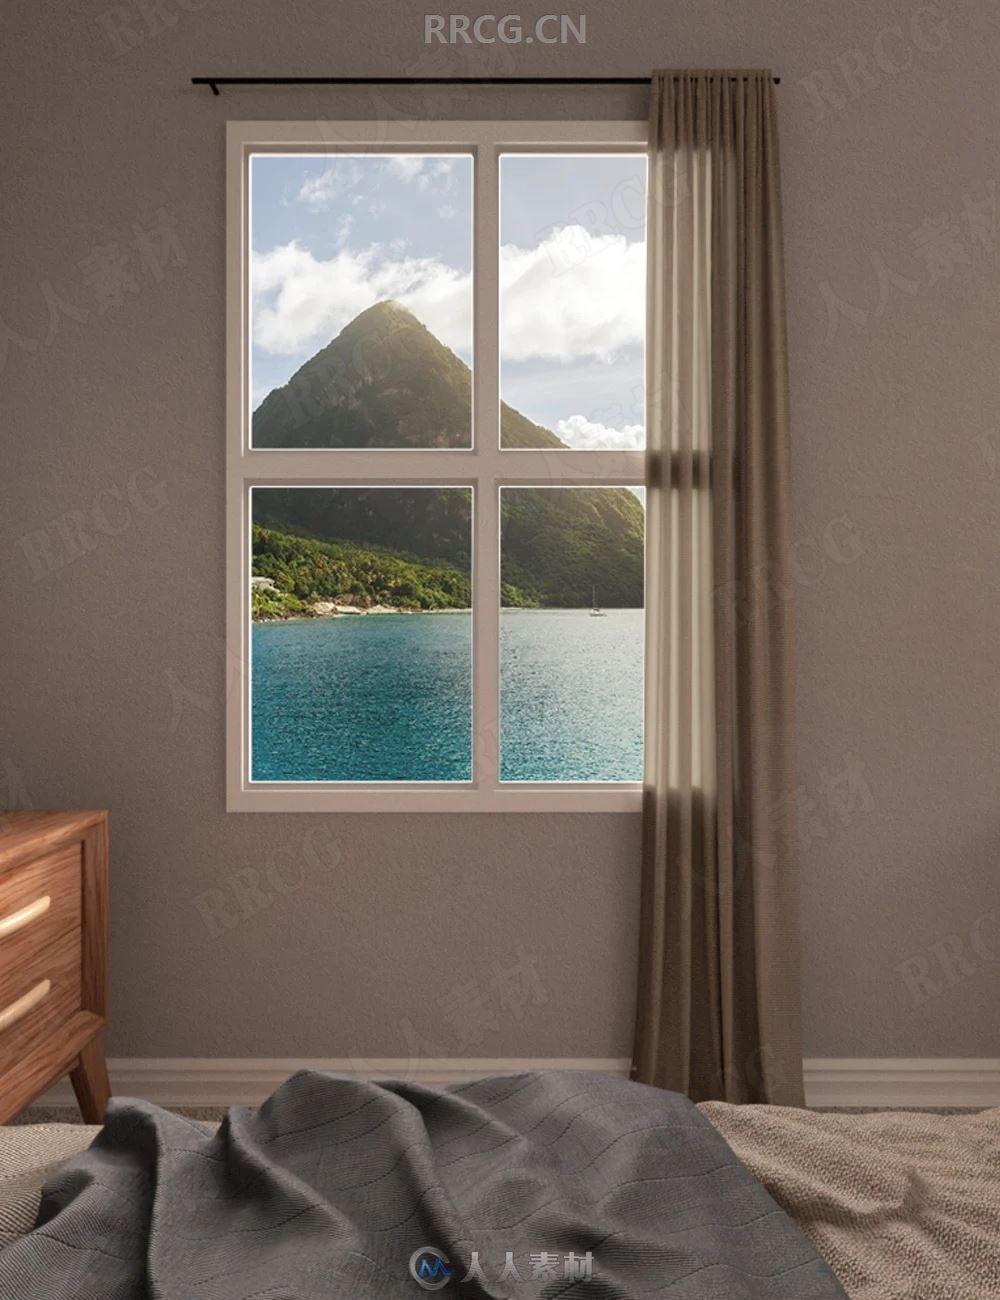 海景房窗边海滩效果平面背景3D模型合集